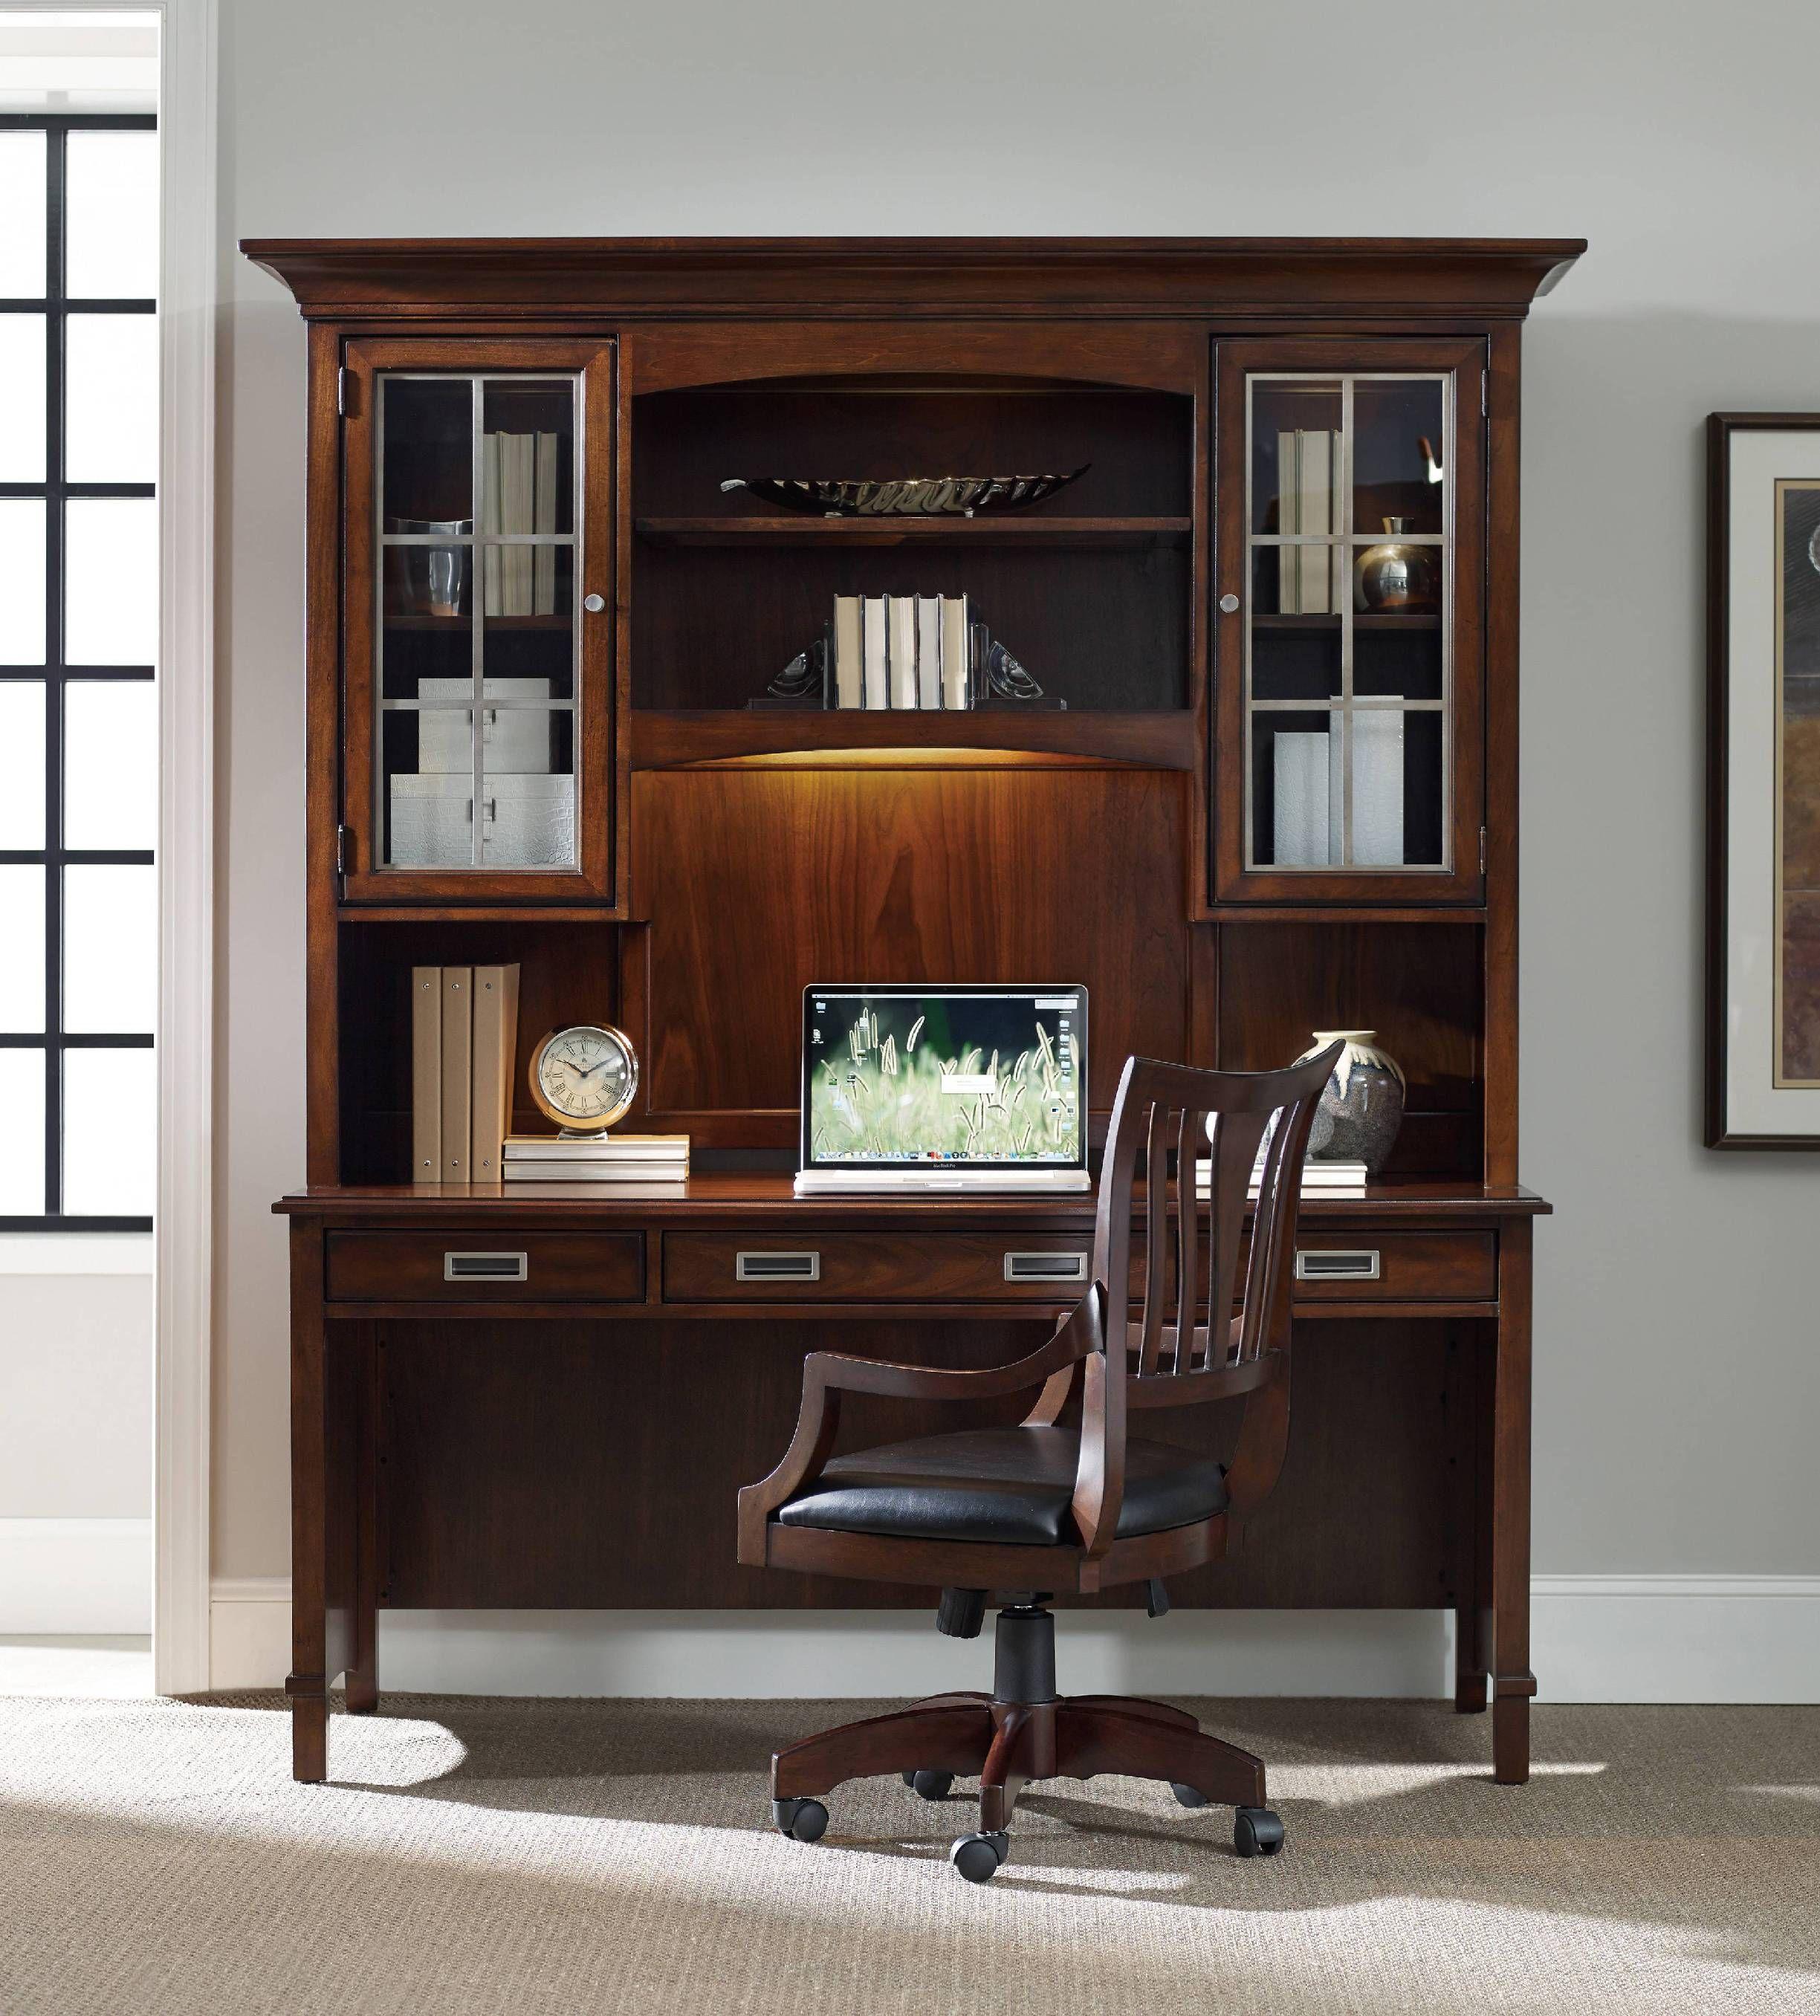 Ordinaire Hooker Furniture Home Fice Latitude Puter Credenza Desk Hutch 5167